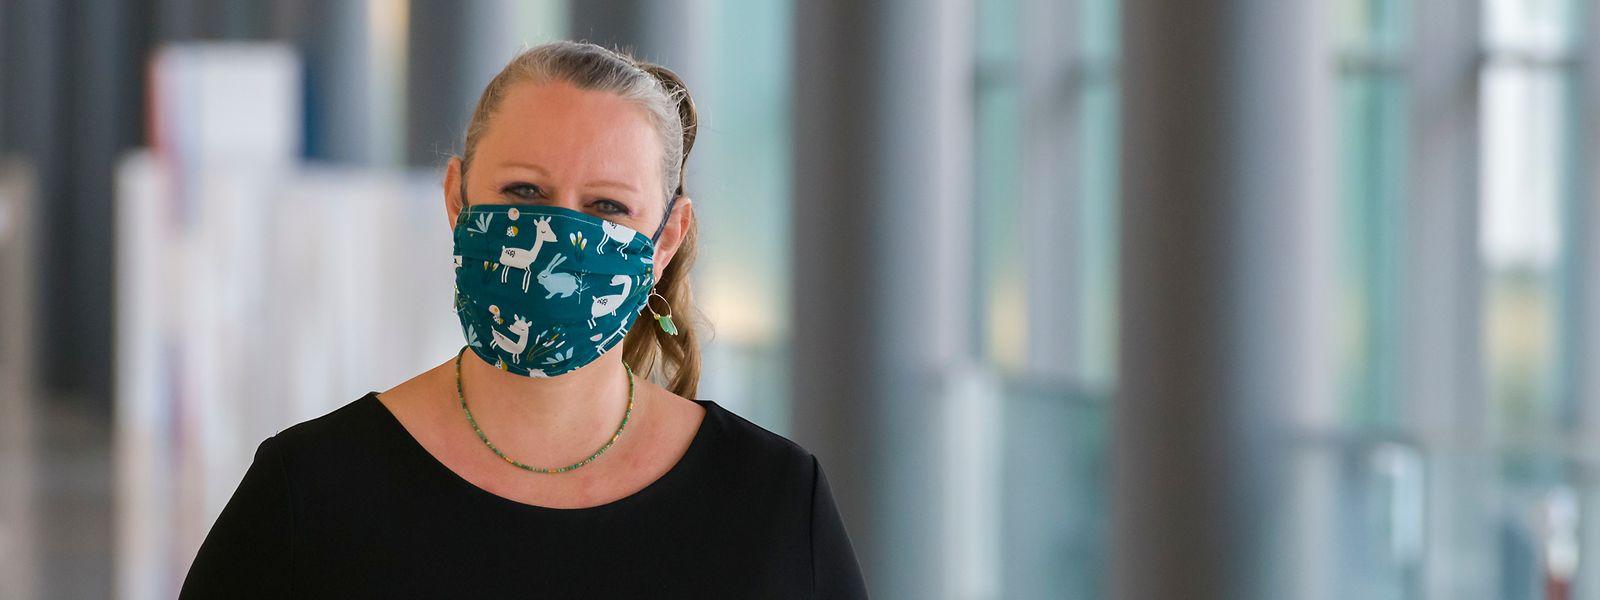 La ministre de l'Environnement, Carole Dieschbourg, n'a pas fourni la totalité des pages du contrat liant l'Etat à Oeko-Service Luxembourg.